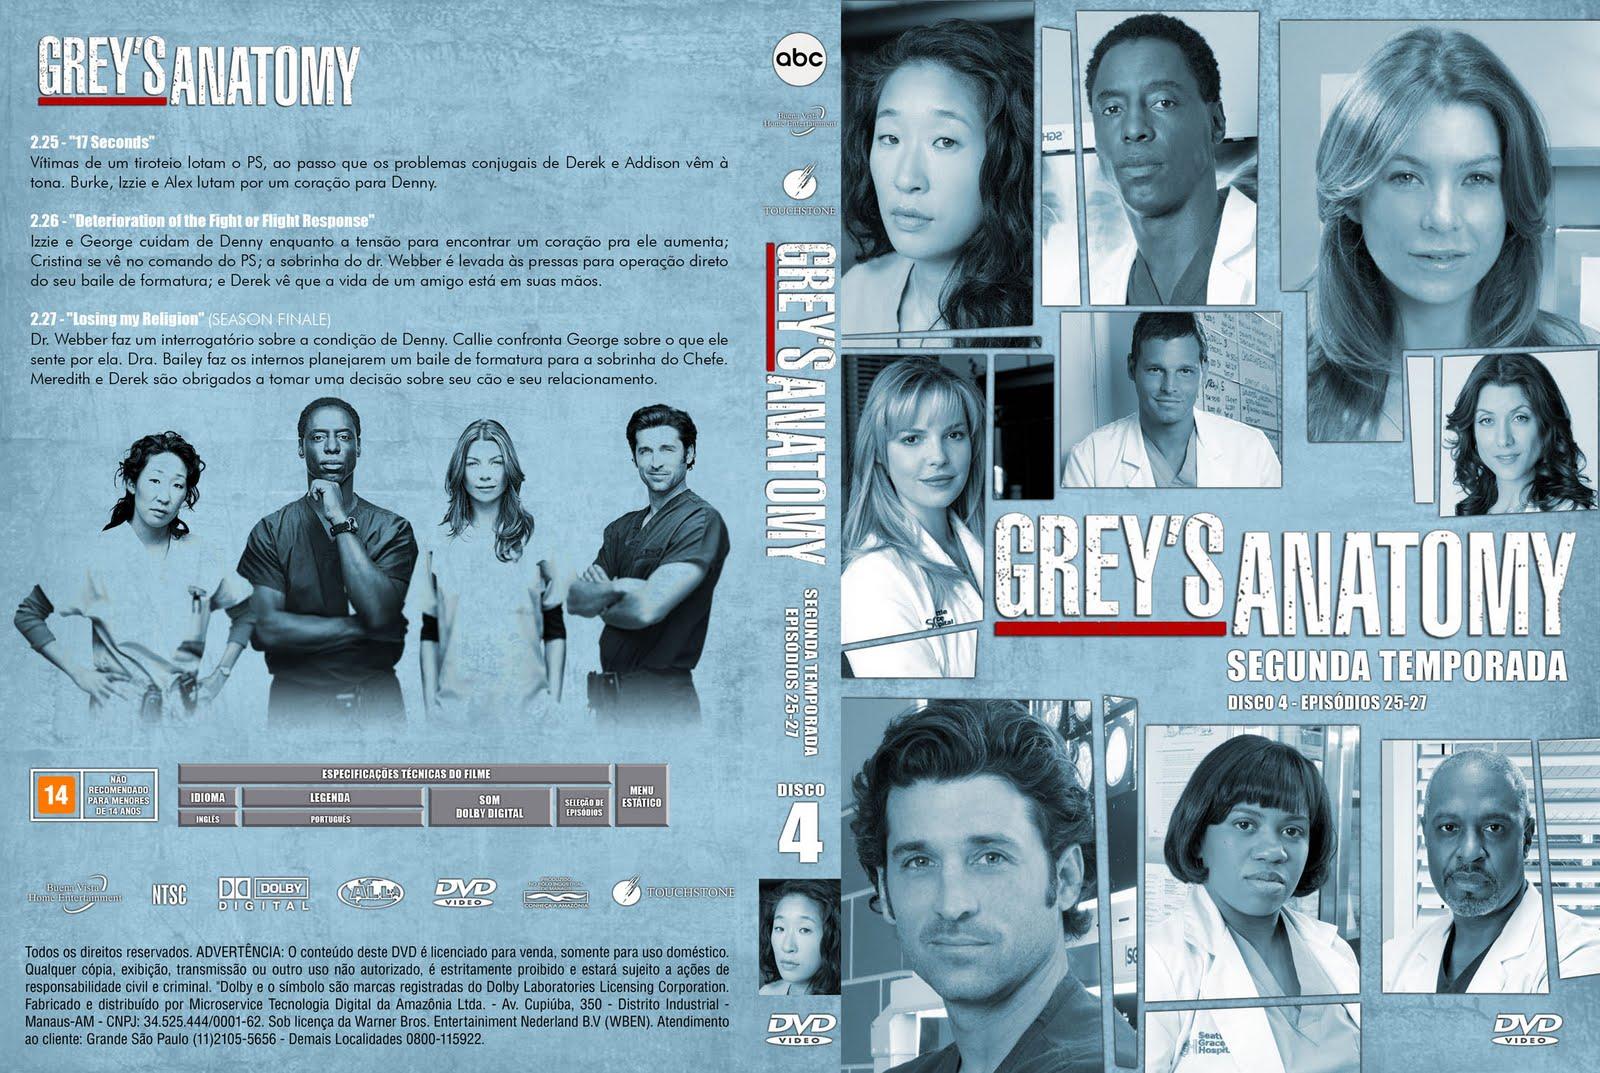 Tolle Greys Anatomy Serie 2 Fotos - Menschliche Anatomie Bilder ...